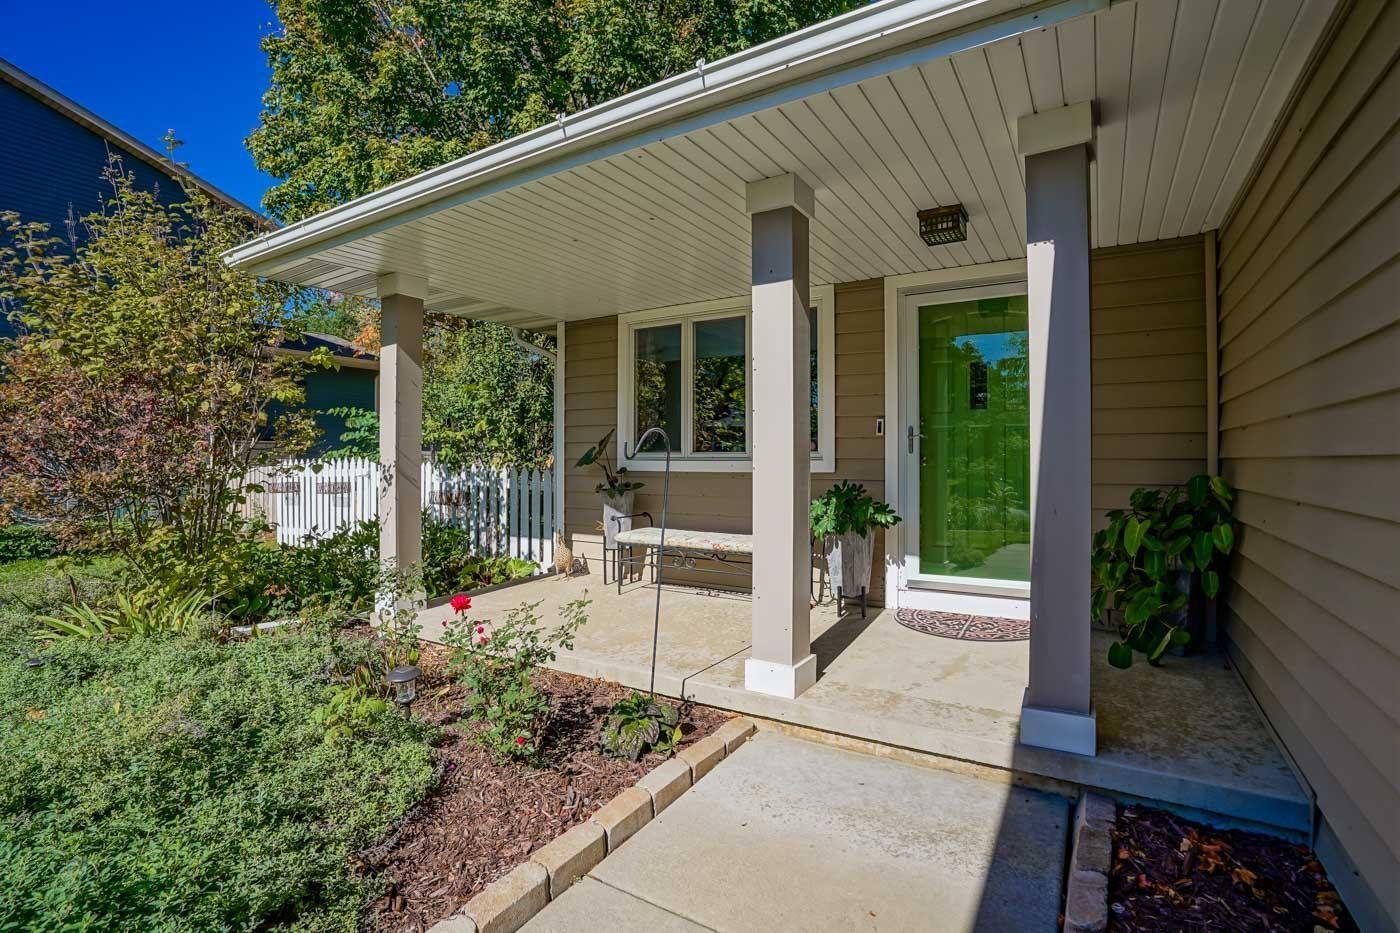 7006 Sawmill Rd, Madison, WI 53717 - #: 1921683